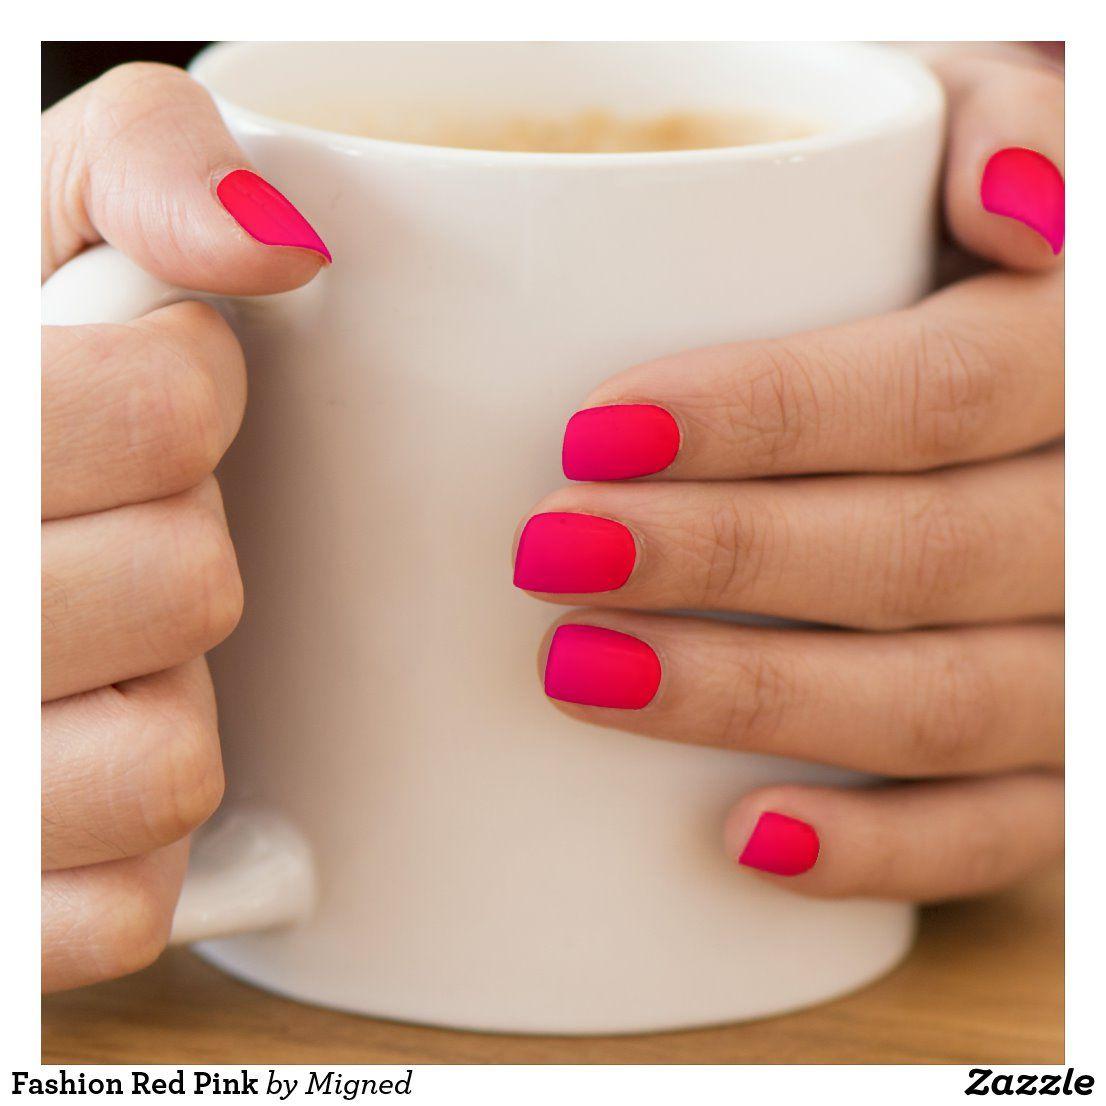 Fashion Red Pink Minx Nail Art | Zazzle.com